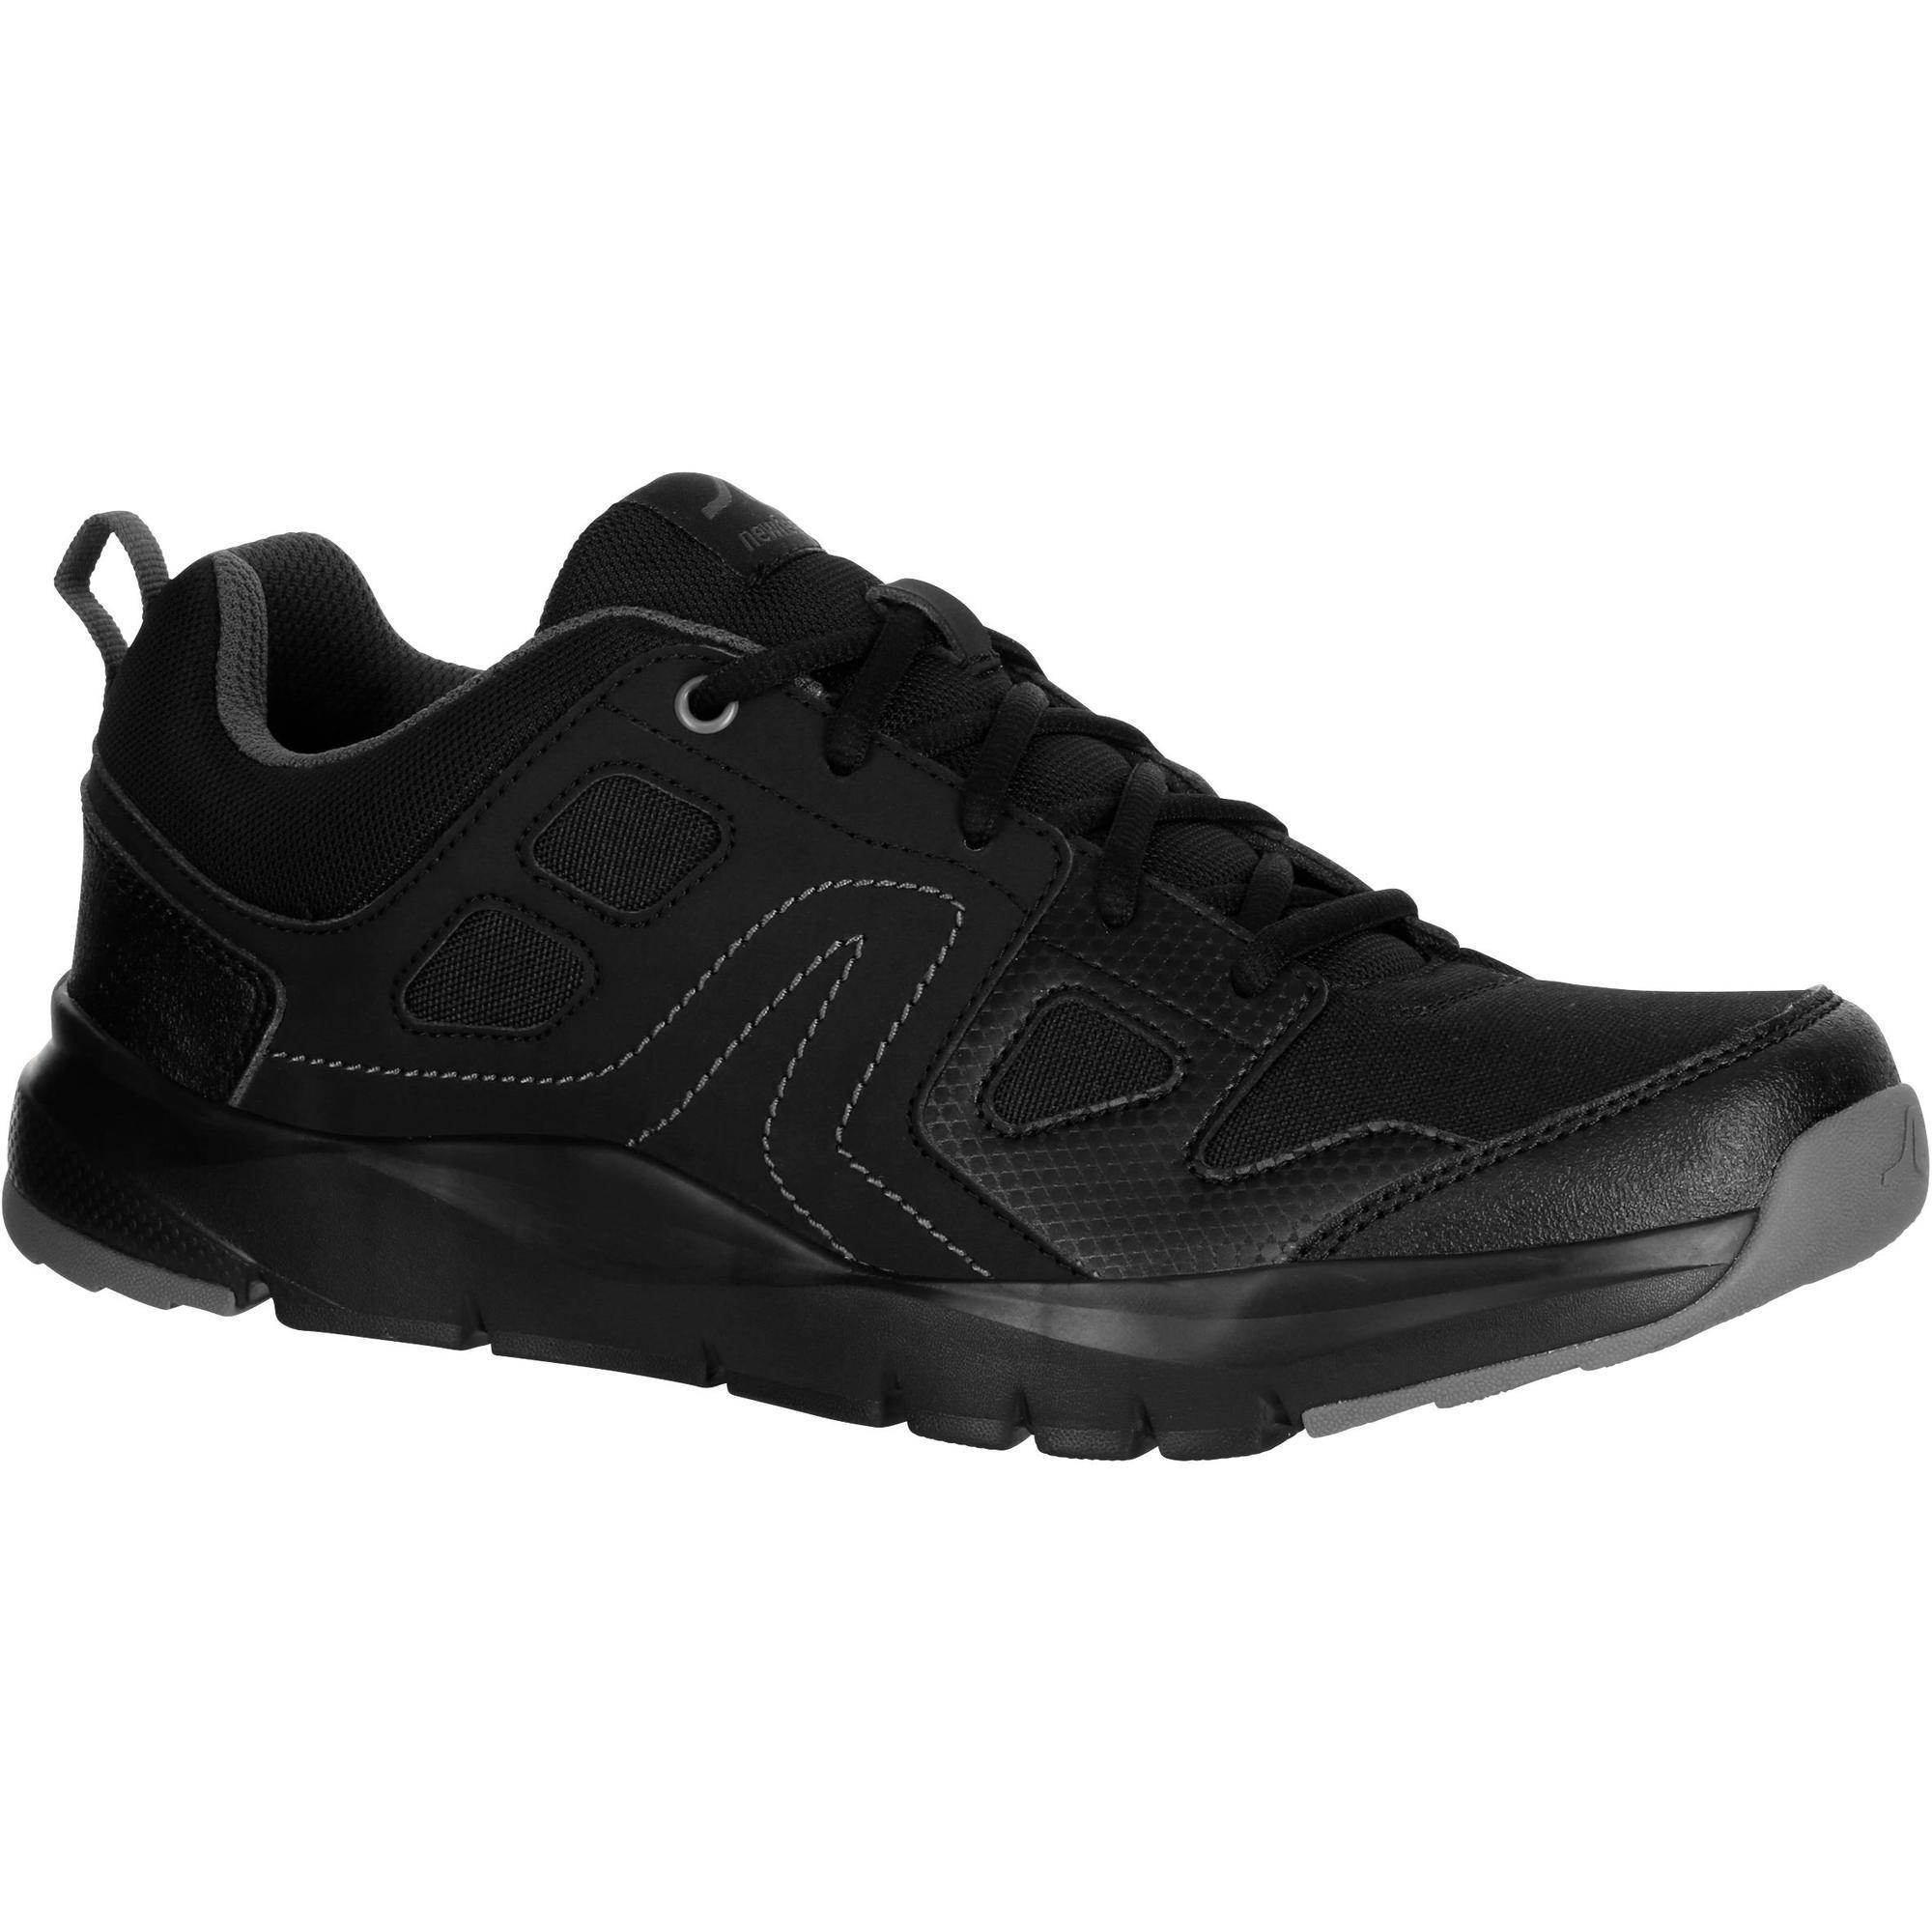 f9d5ba20ec3 Sneakers kopen? | Decathlon.nl